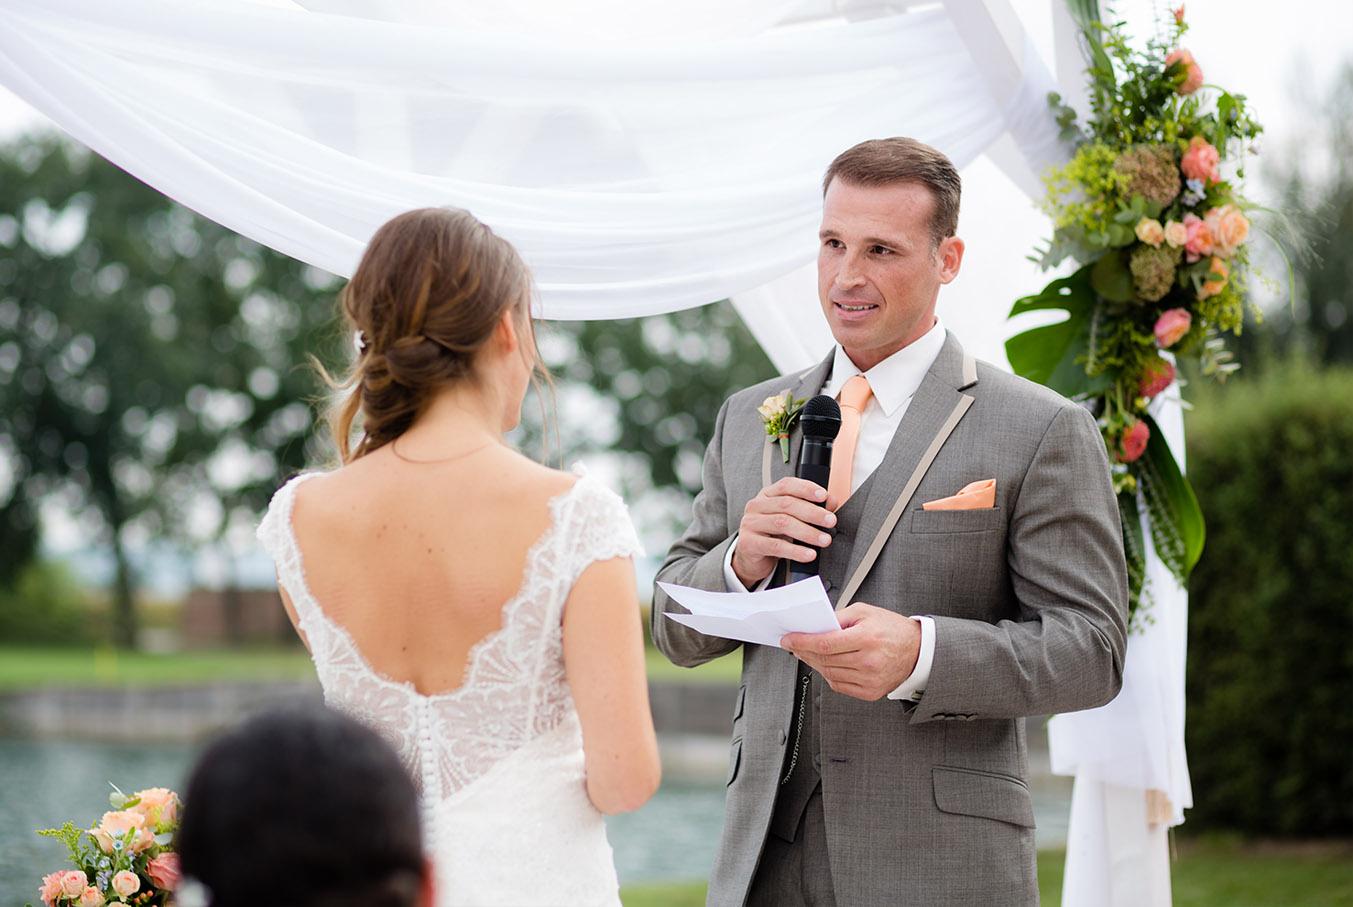 Vienna_Wien_Atzenbrugg_Hochzeit_Paar_Verlobung_Engagement_45